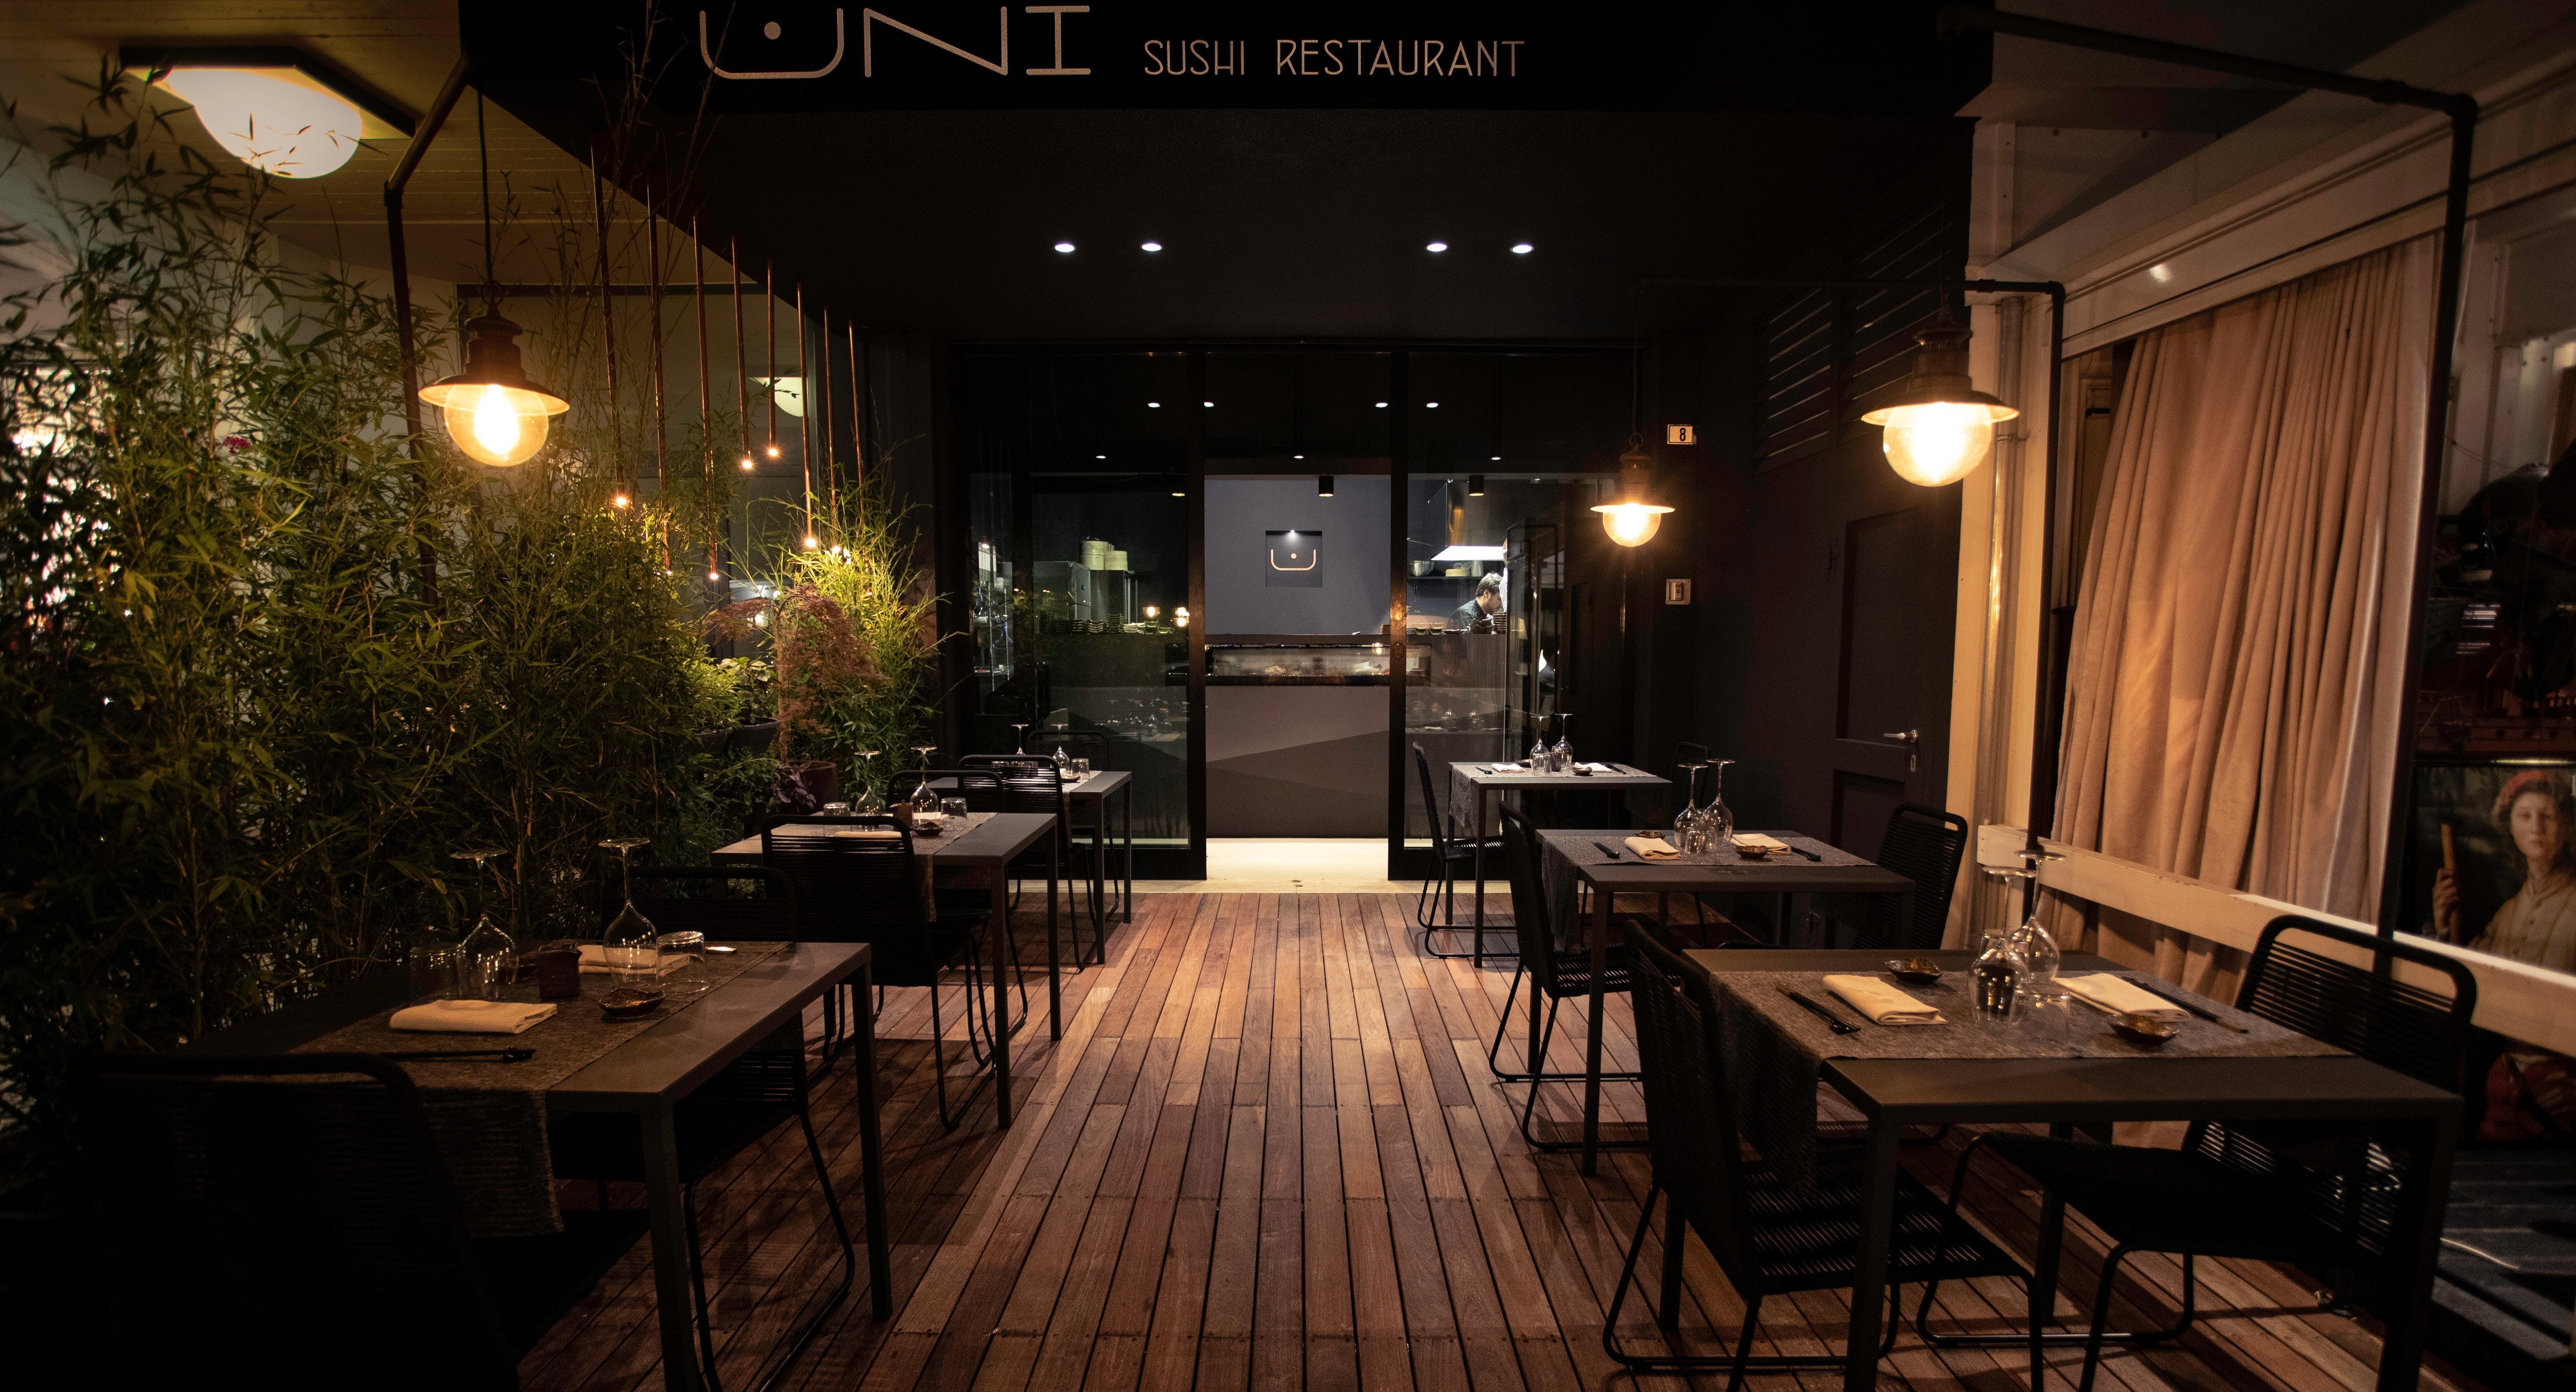 Uni Sushi Restaurant Ravenna image 3